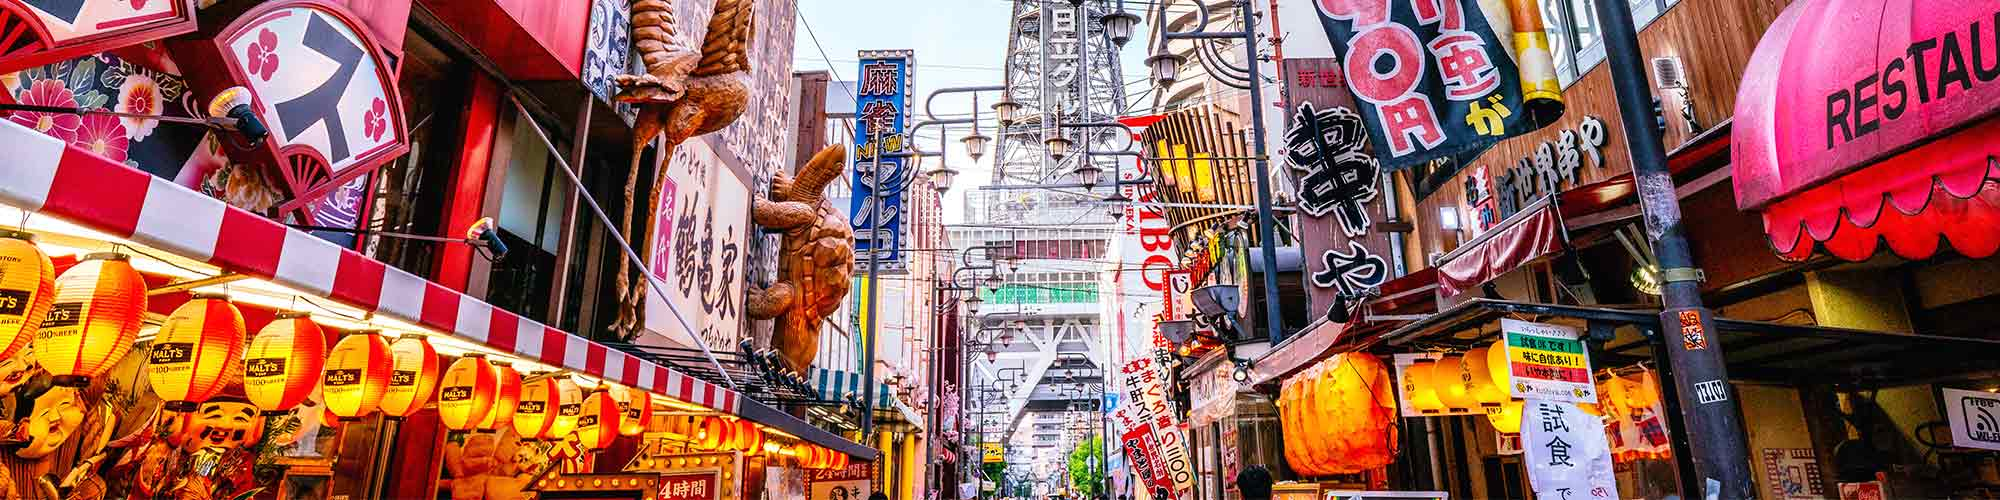 Otoño en Japón  - EL PAIS Viajes